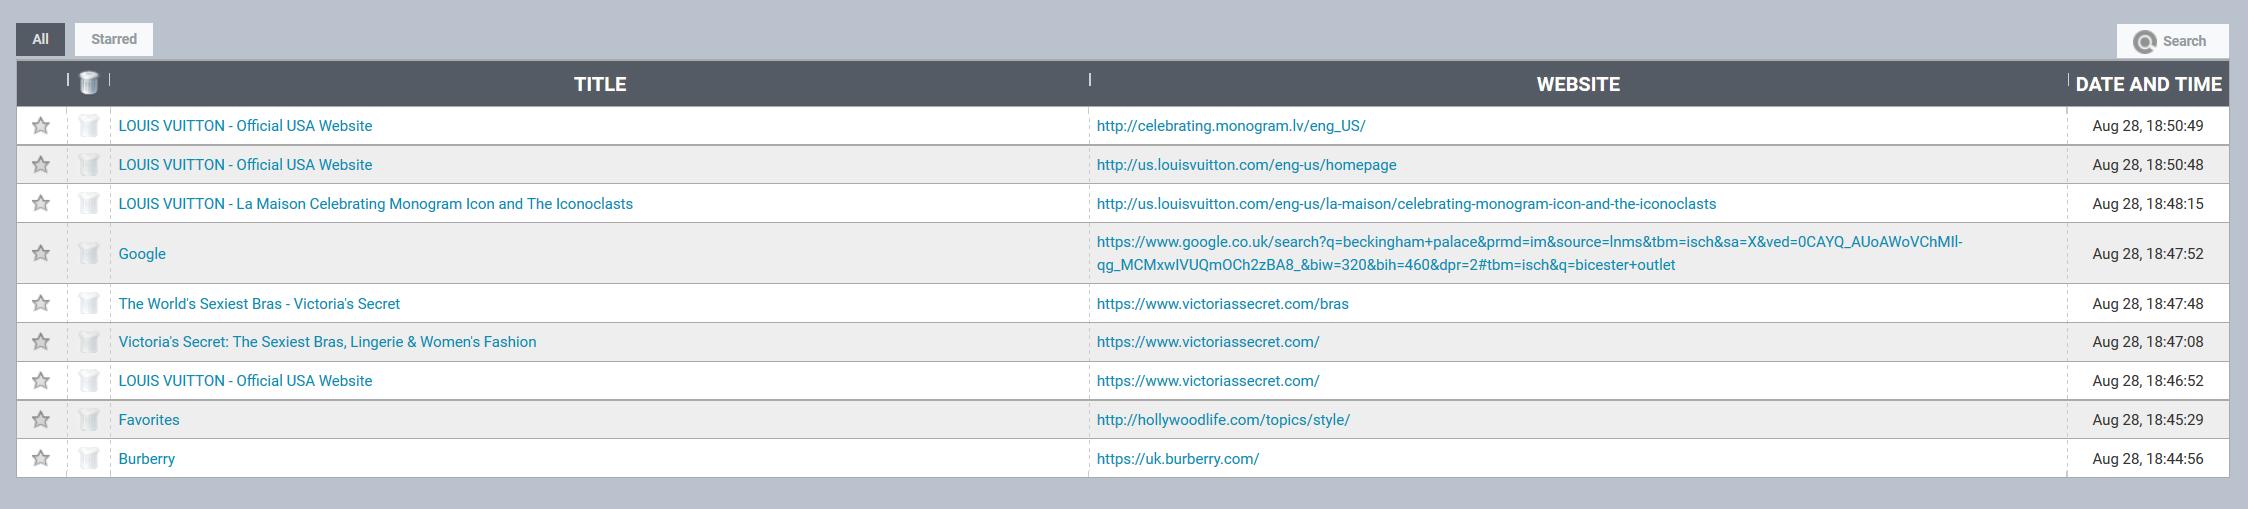 Web Aktivitäten